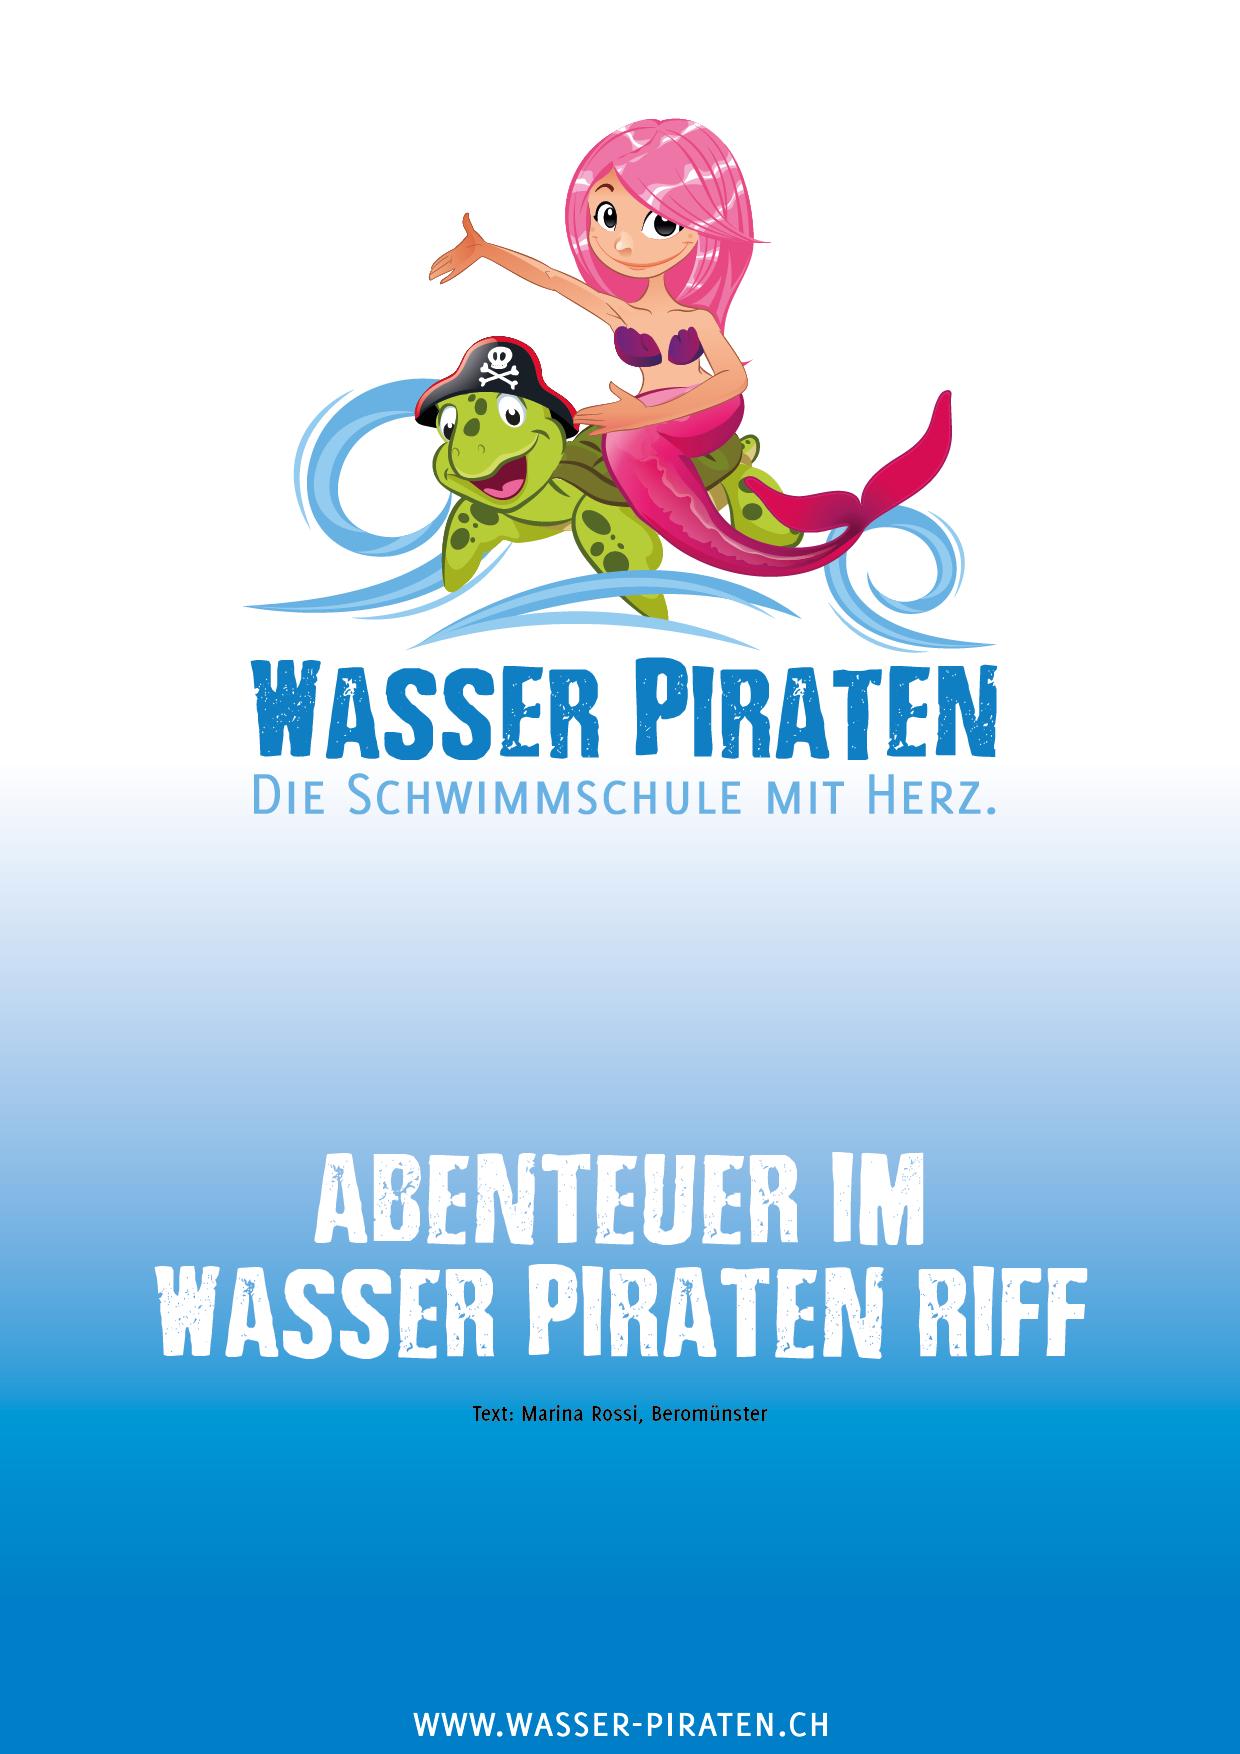 Abenteuer im Wasser Piraten Riff